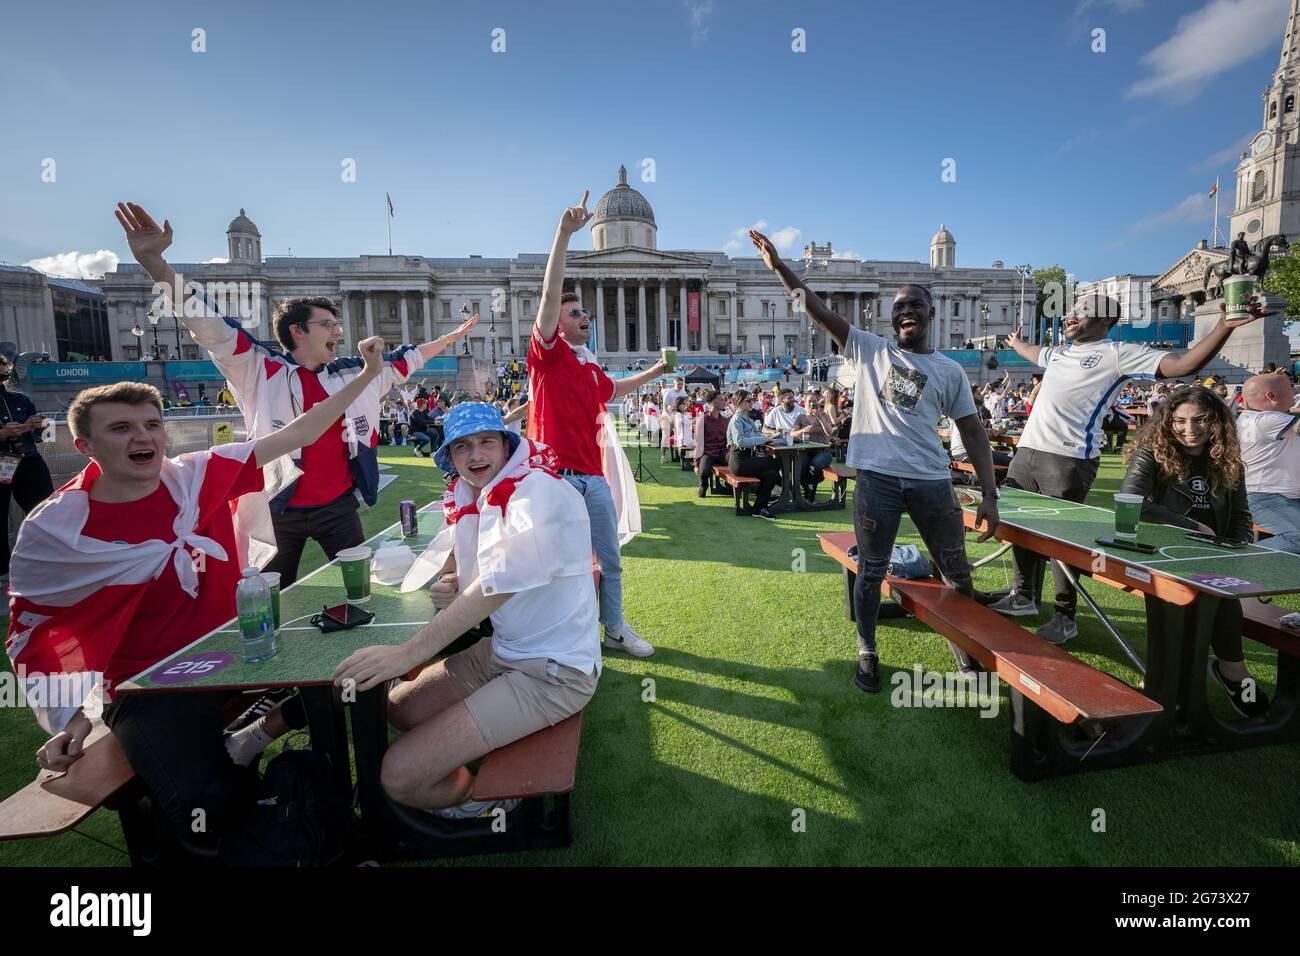 EURO 2020: Angleterre contre Danemark. Les supporters d'Angleterre regardent les grands écrans de Trafalgar Square tandis que l'Angleterre affronte le Danemark pour les demi-finales. Londres, Royaume-Uni Banque D'Images